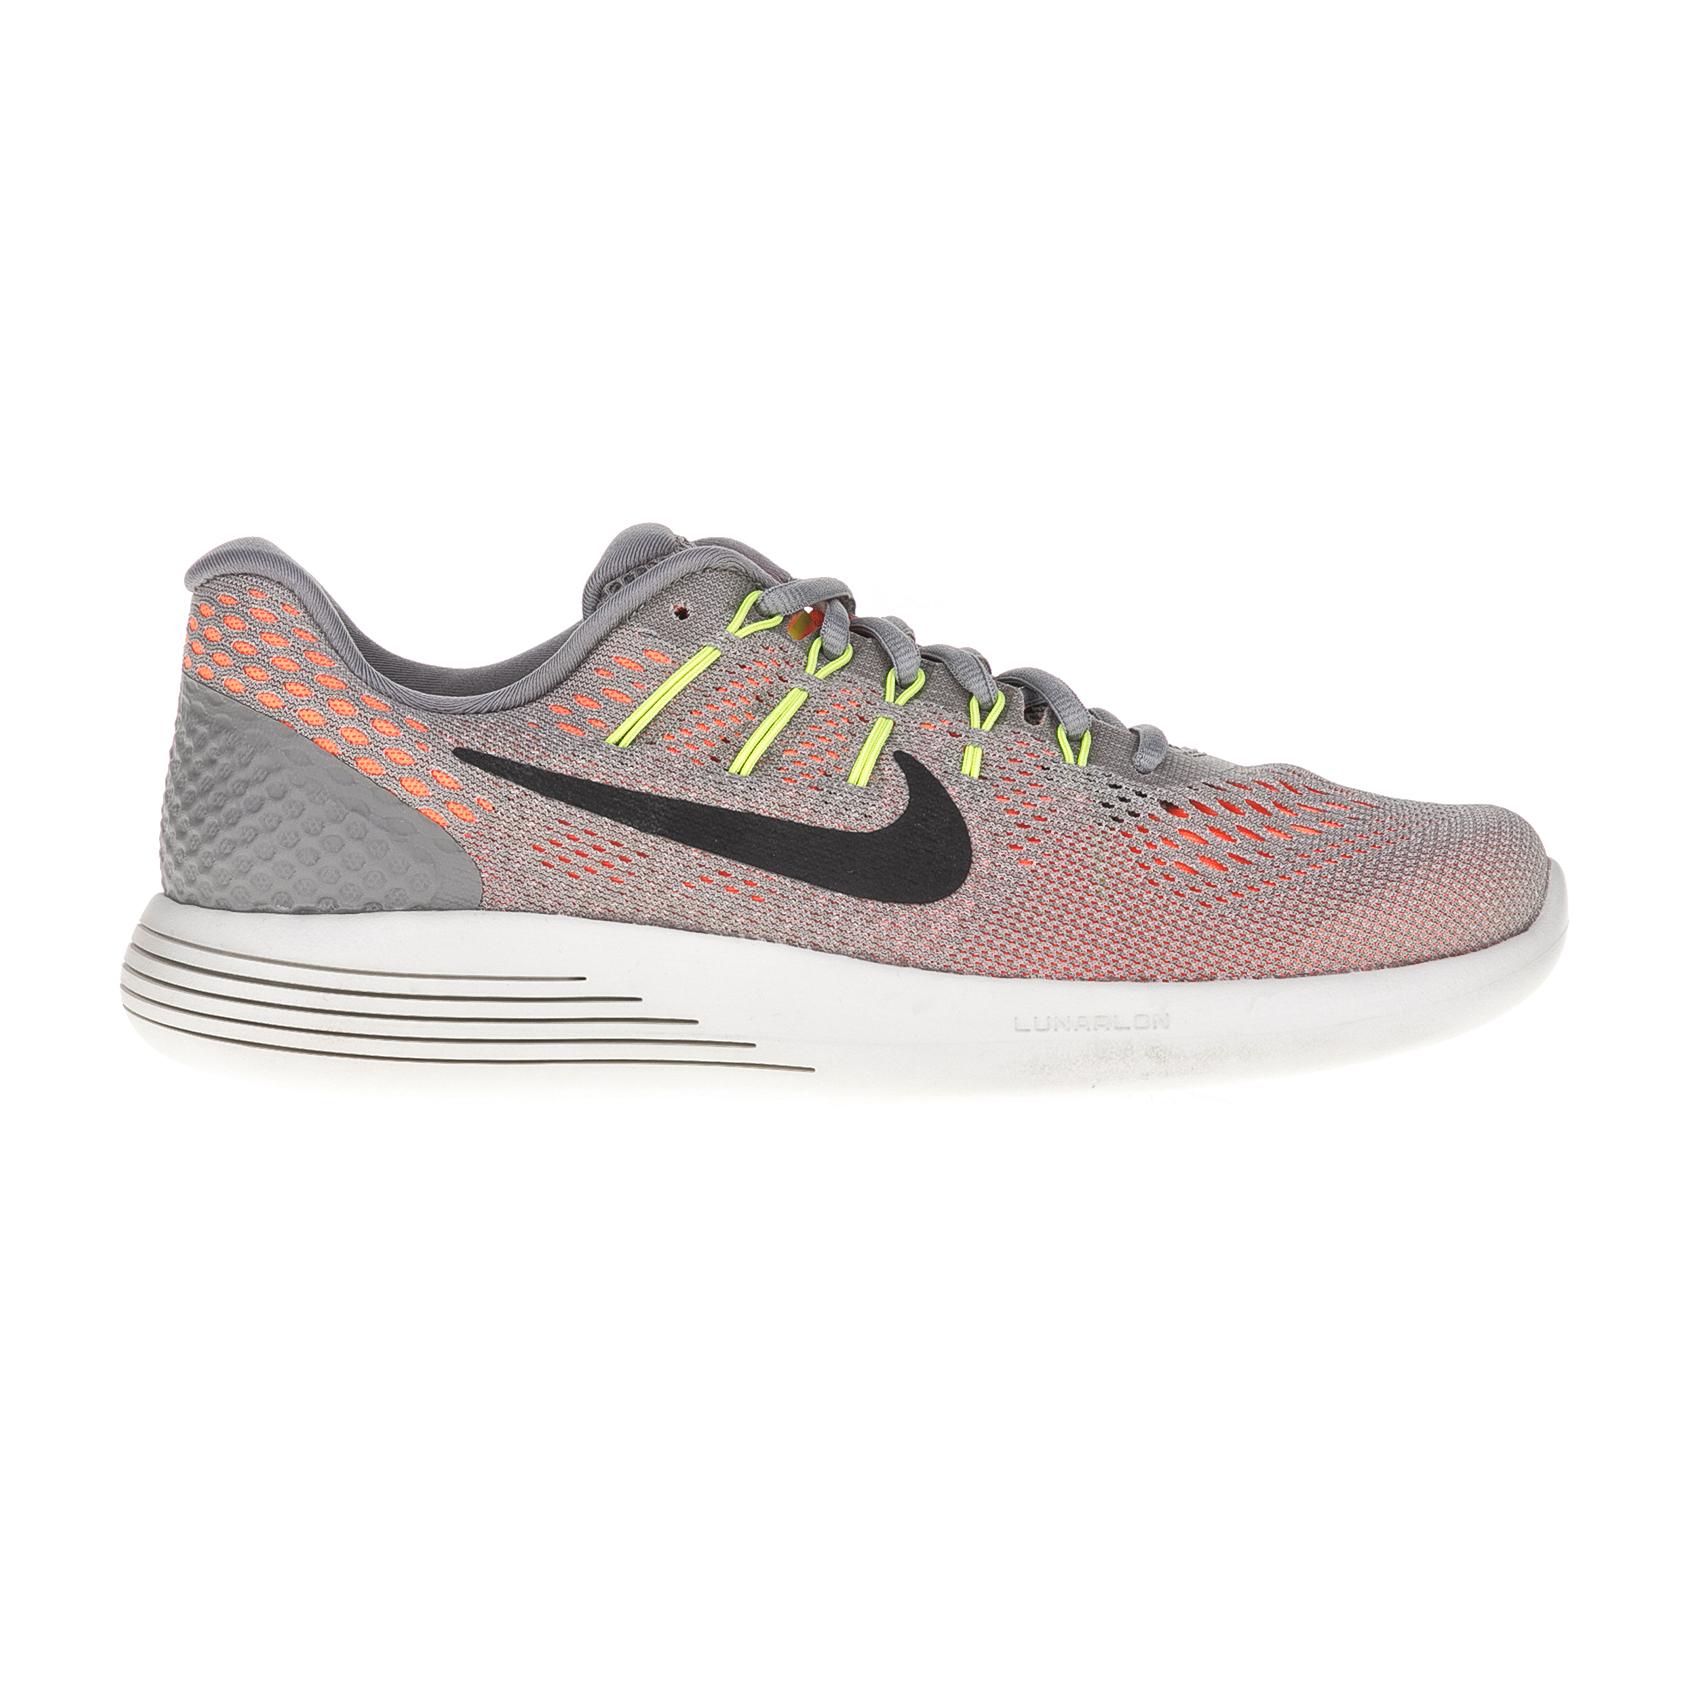 NIKE – Ανδρικά παπούτσια για τρέξιμο NIKE LUNARGLIDE 8 γκρι-πορτοκαλί